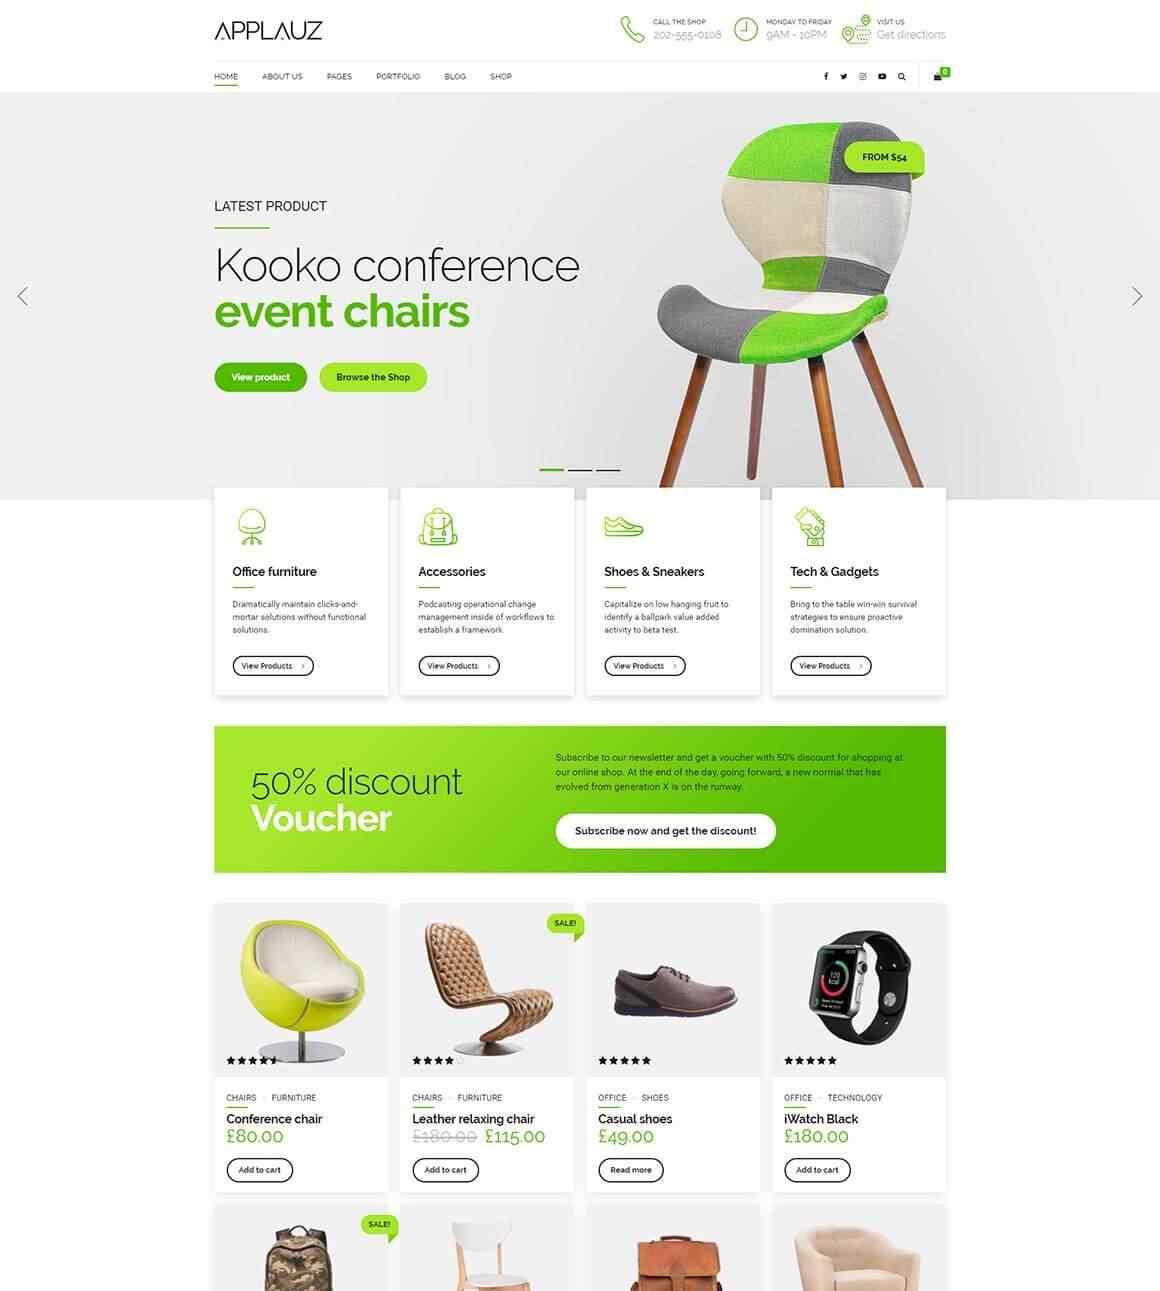 https://www.cscmobi.com/wp-content/uploads/2017/11/Screenshot-Shop.jpg